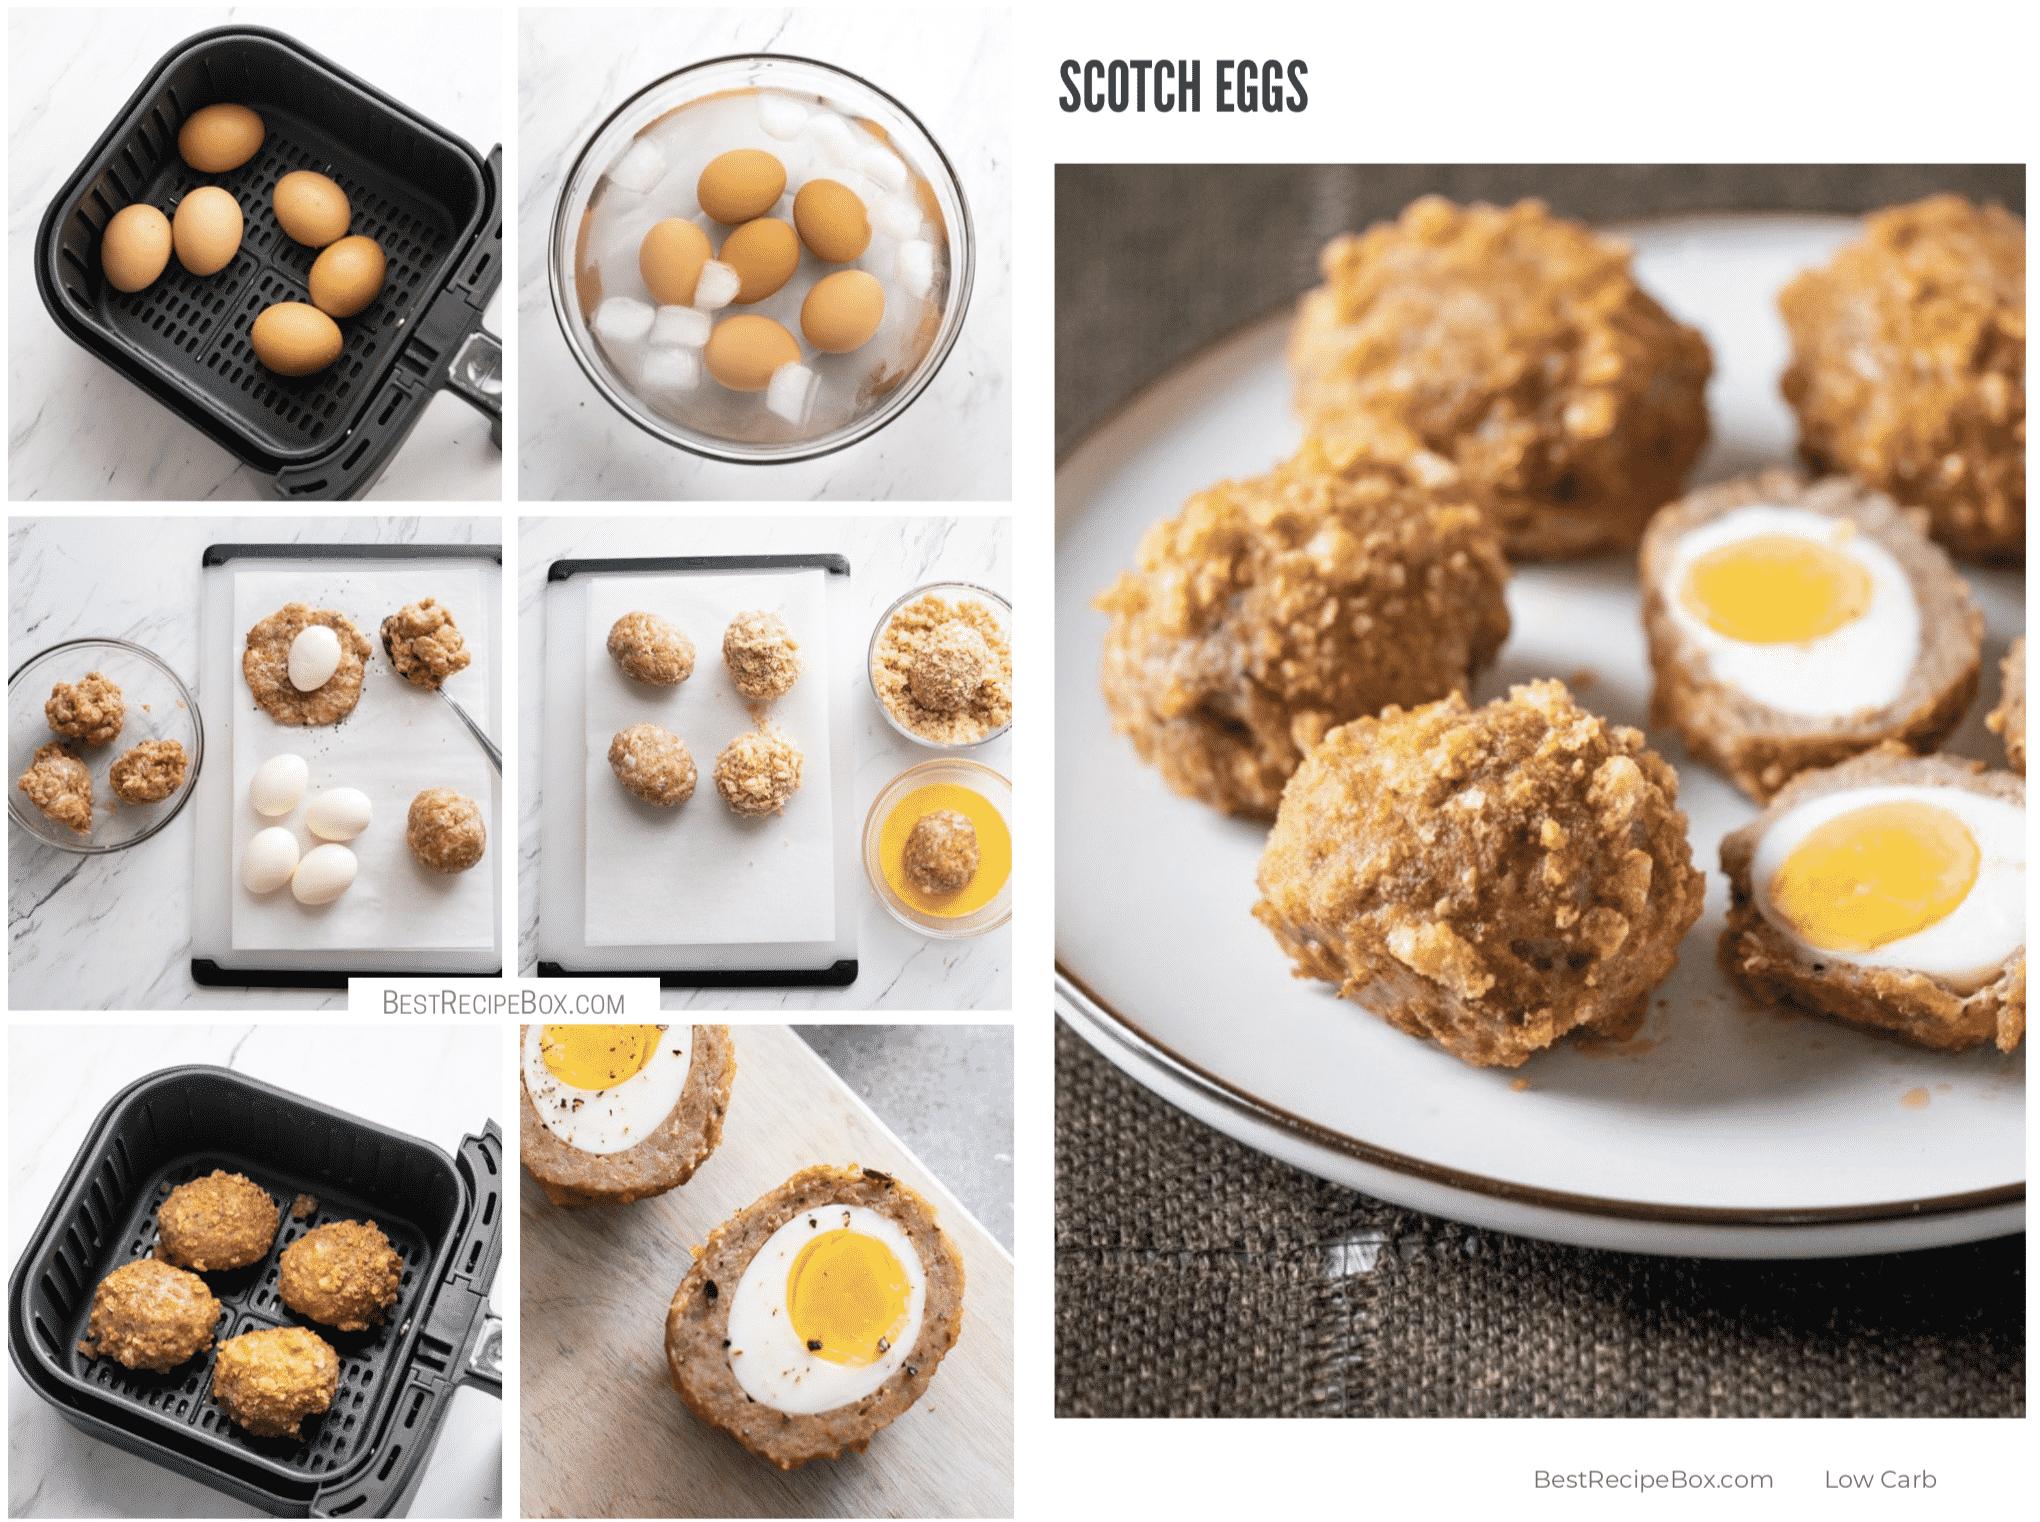 Low Carb KETO Scotch Eggs Recipe in Air Fryer | @BestRecipeBox